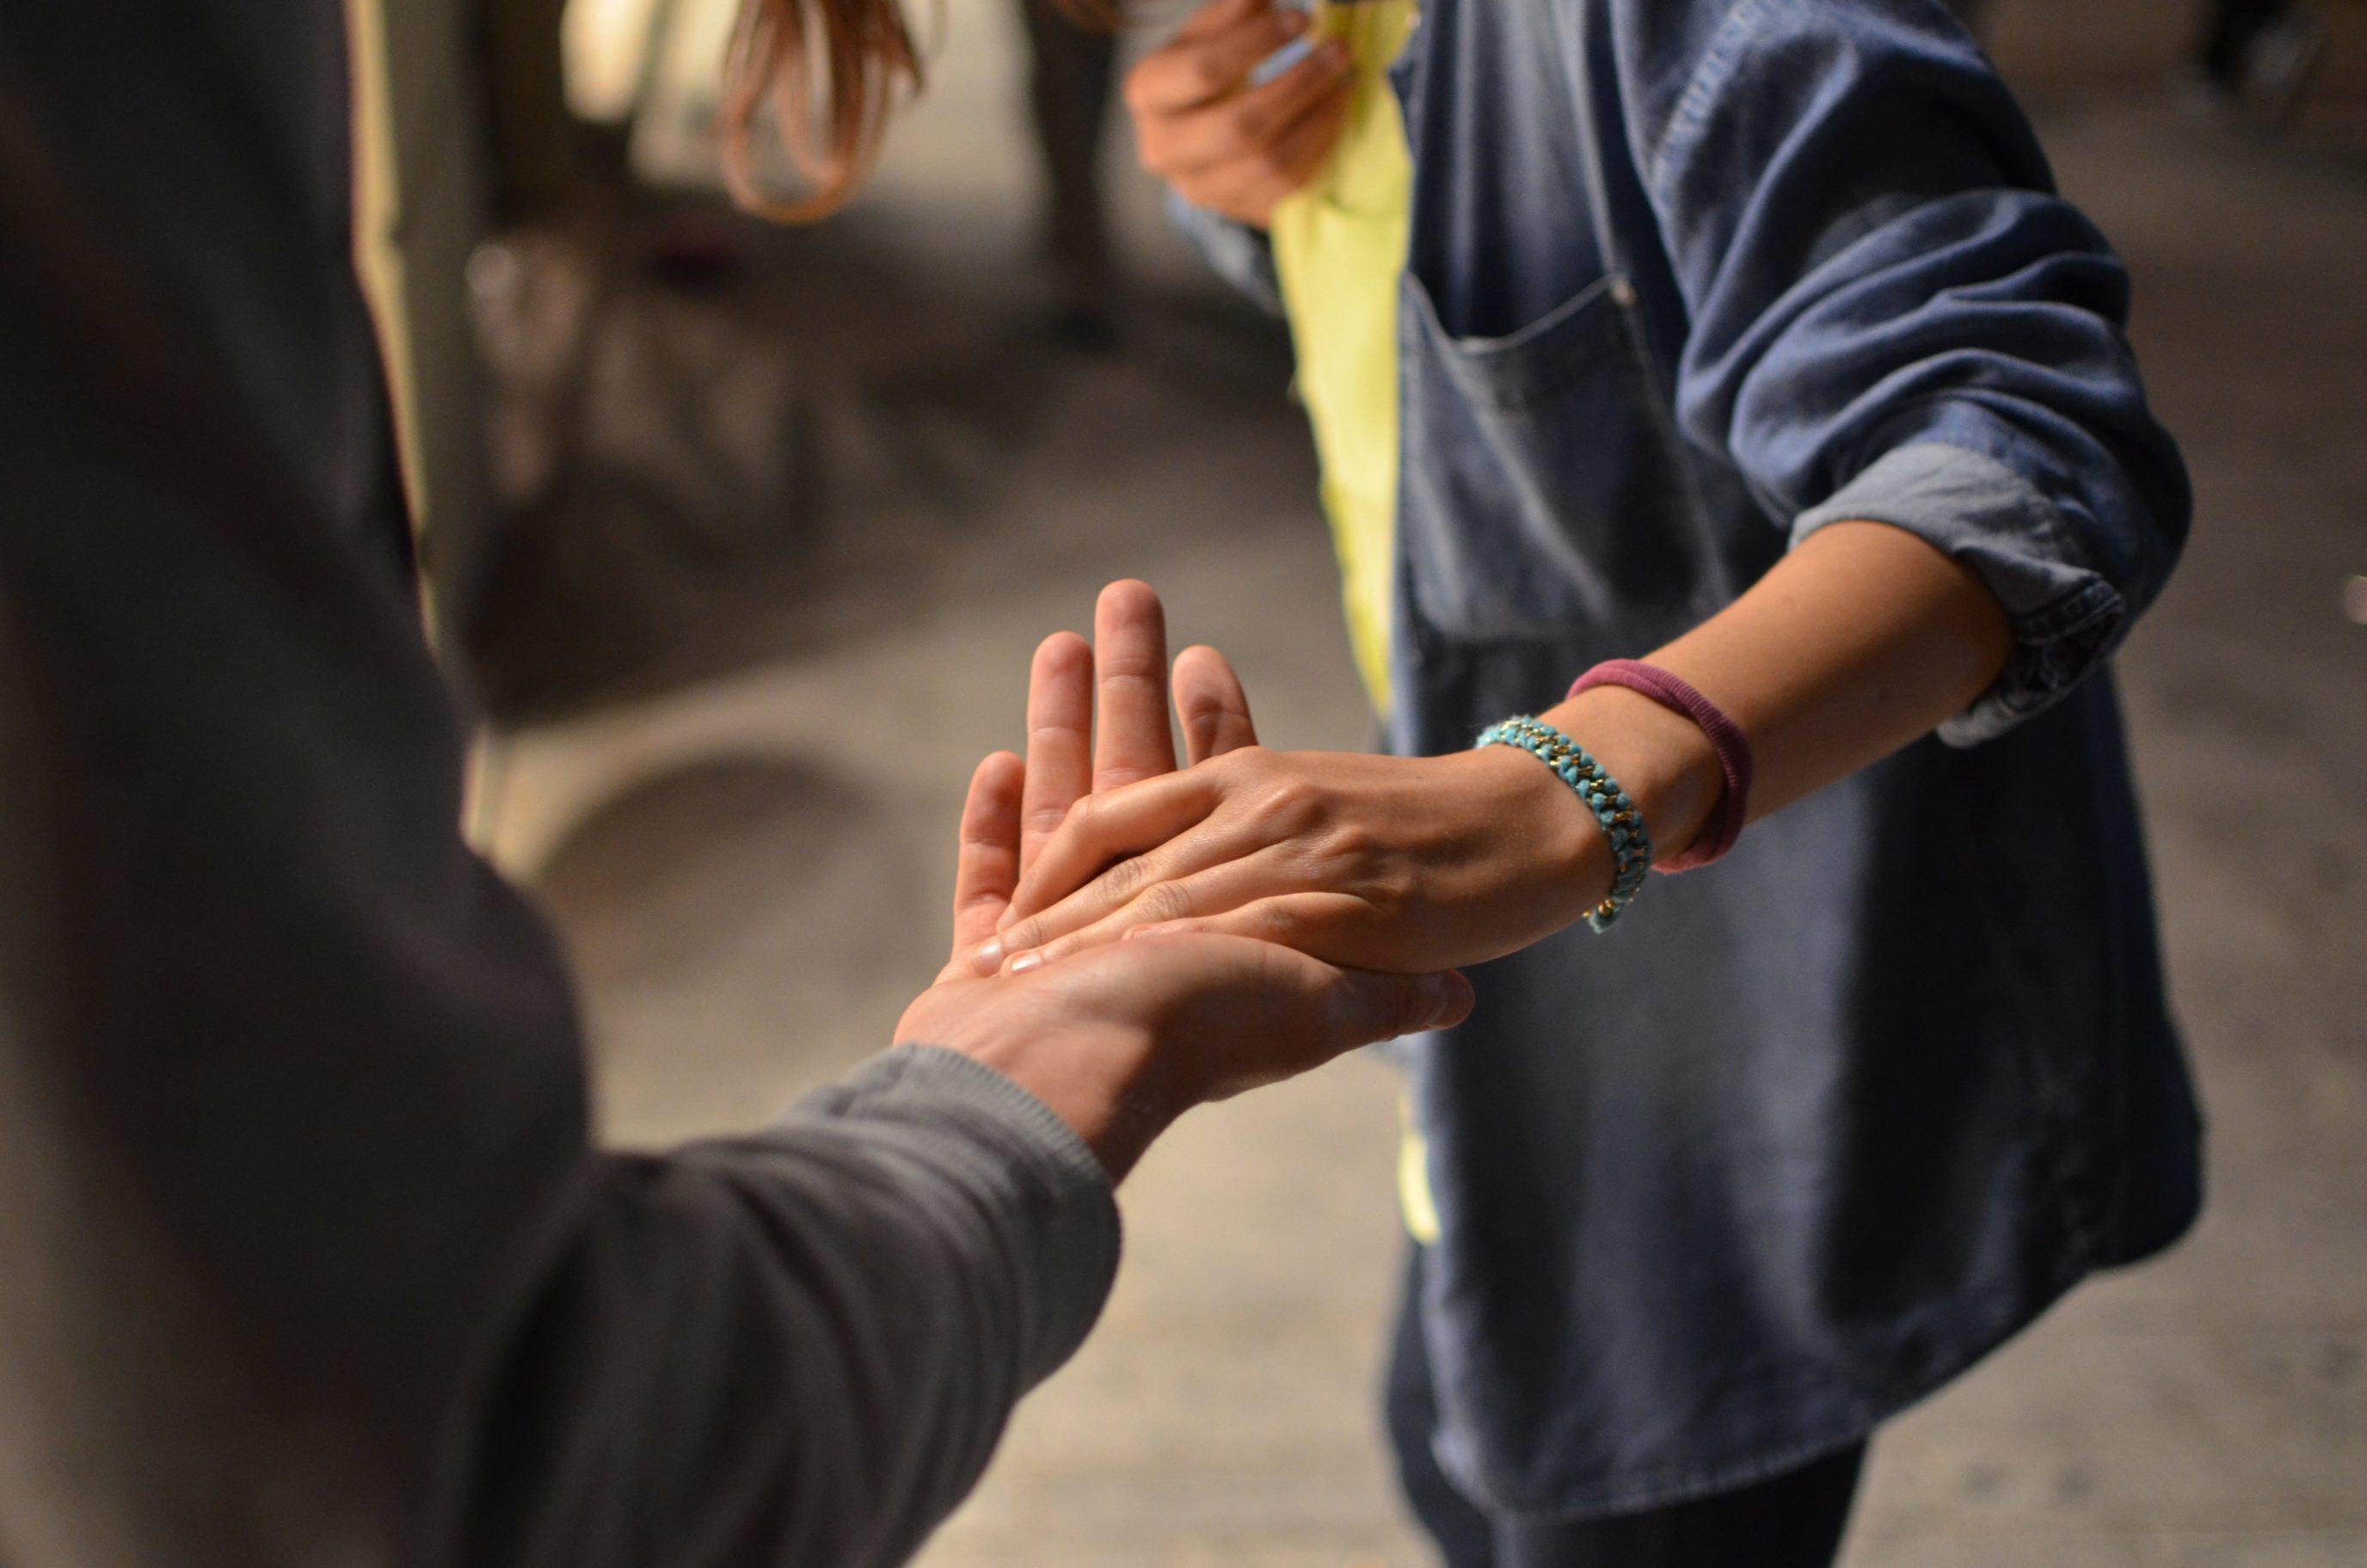 Appel à Porteur de Projet : Plateforme d'aide aux actifs aidants